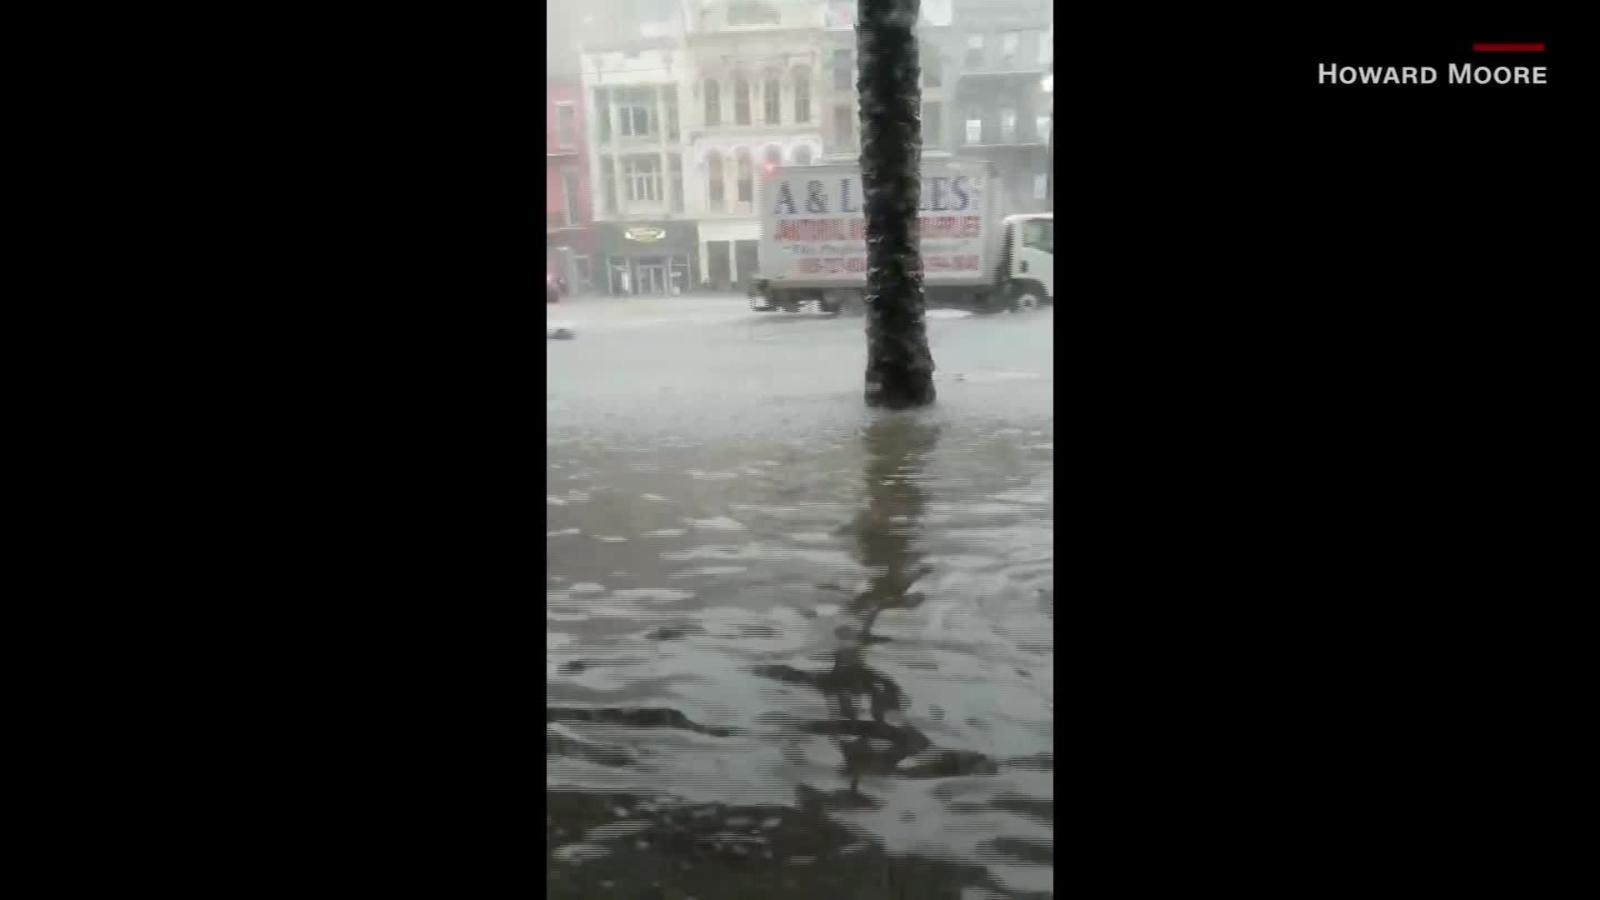 Severas inundaciones en Nueva Orleans